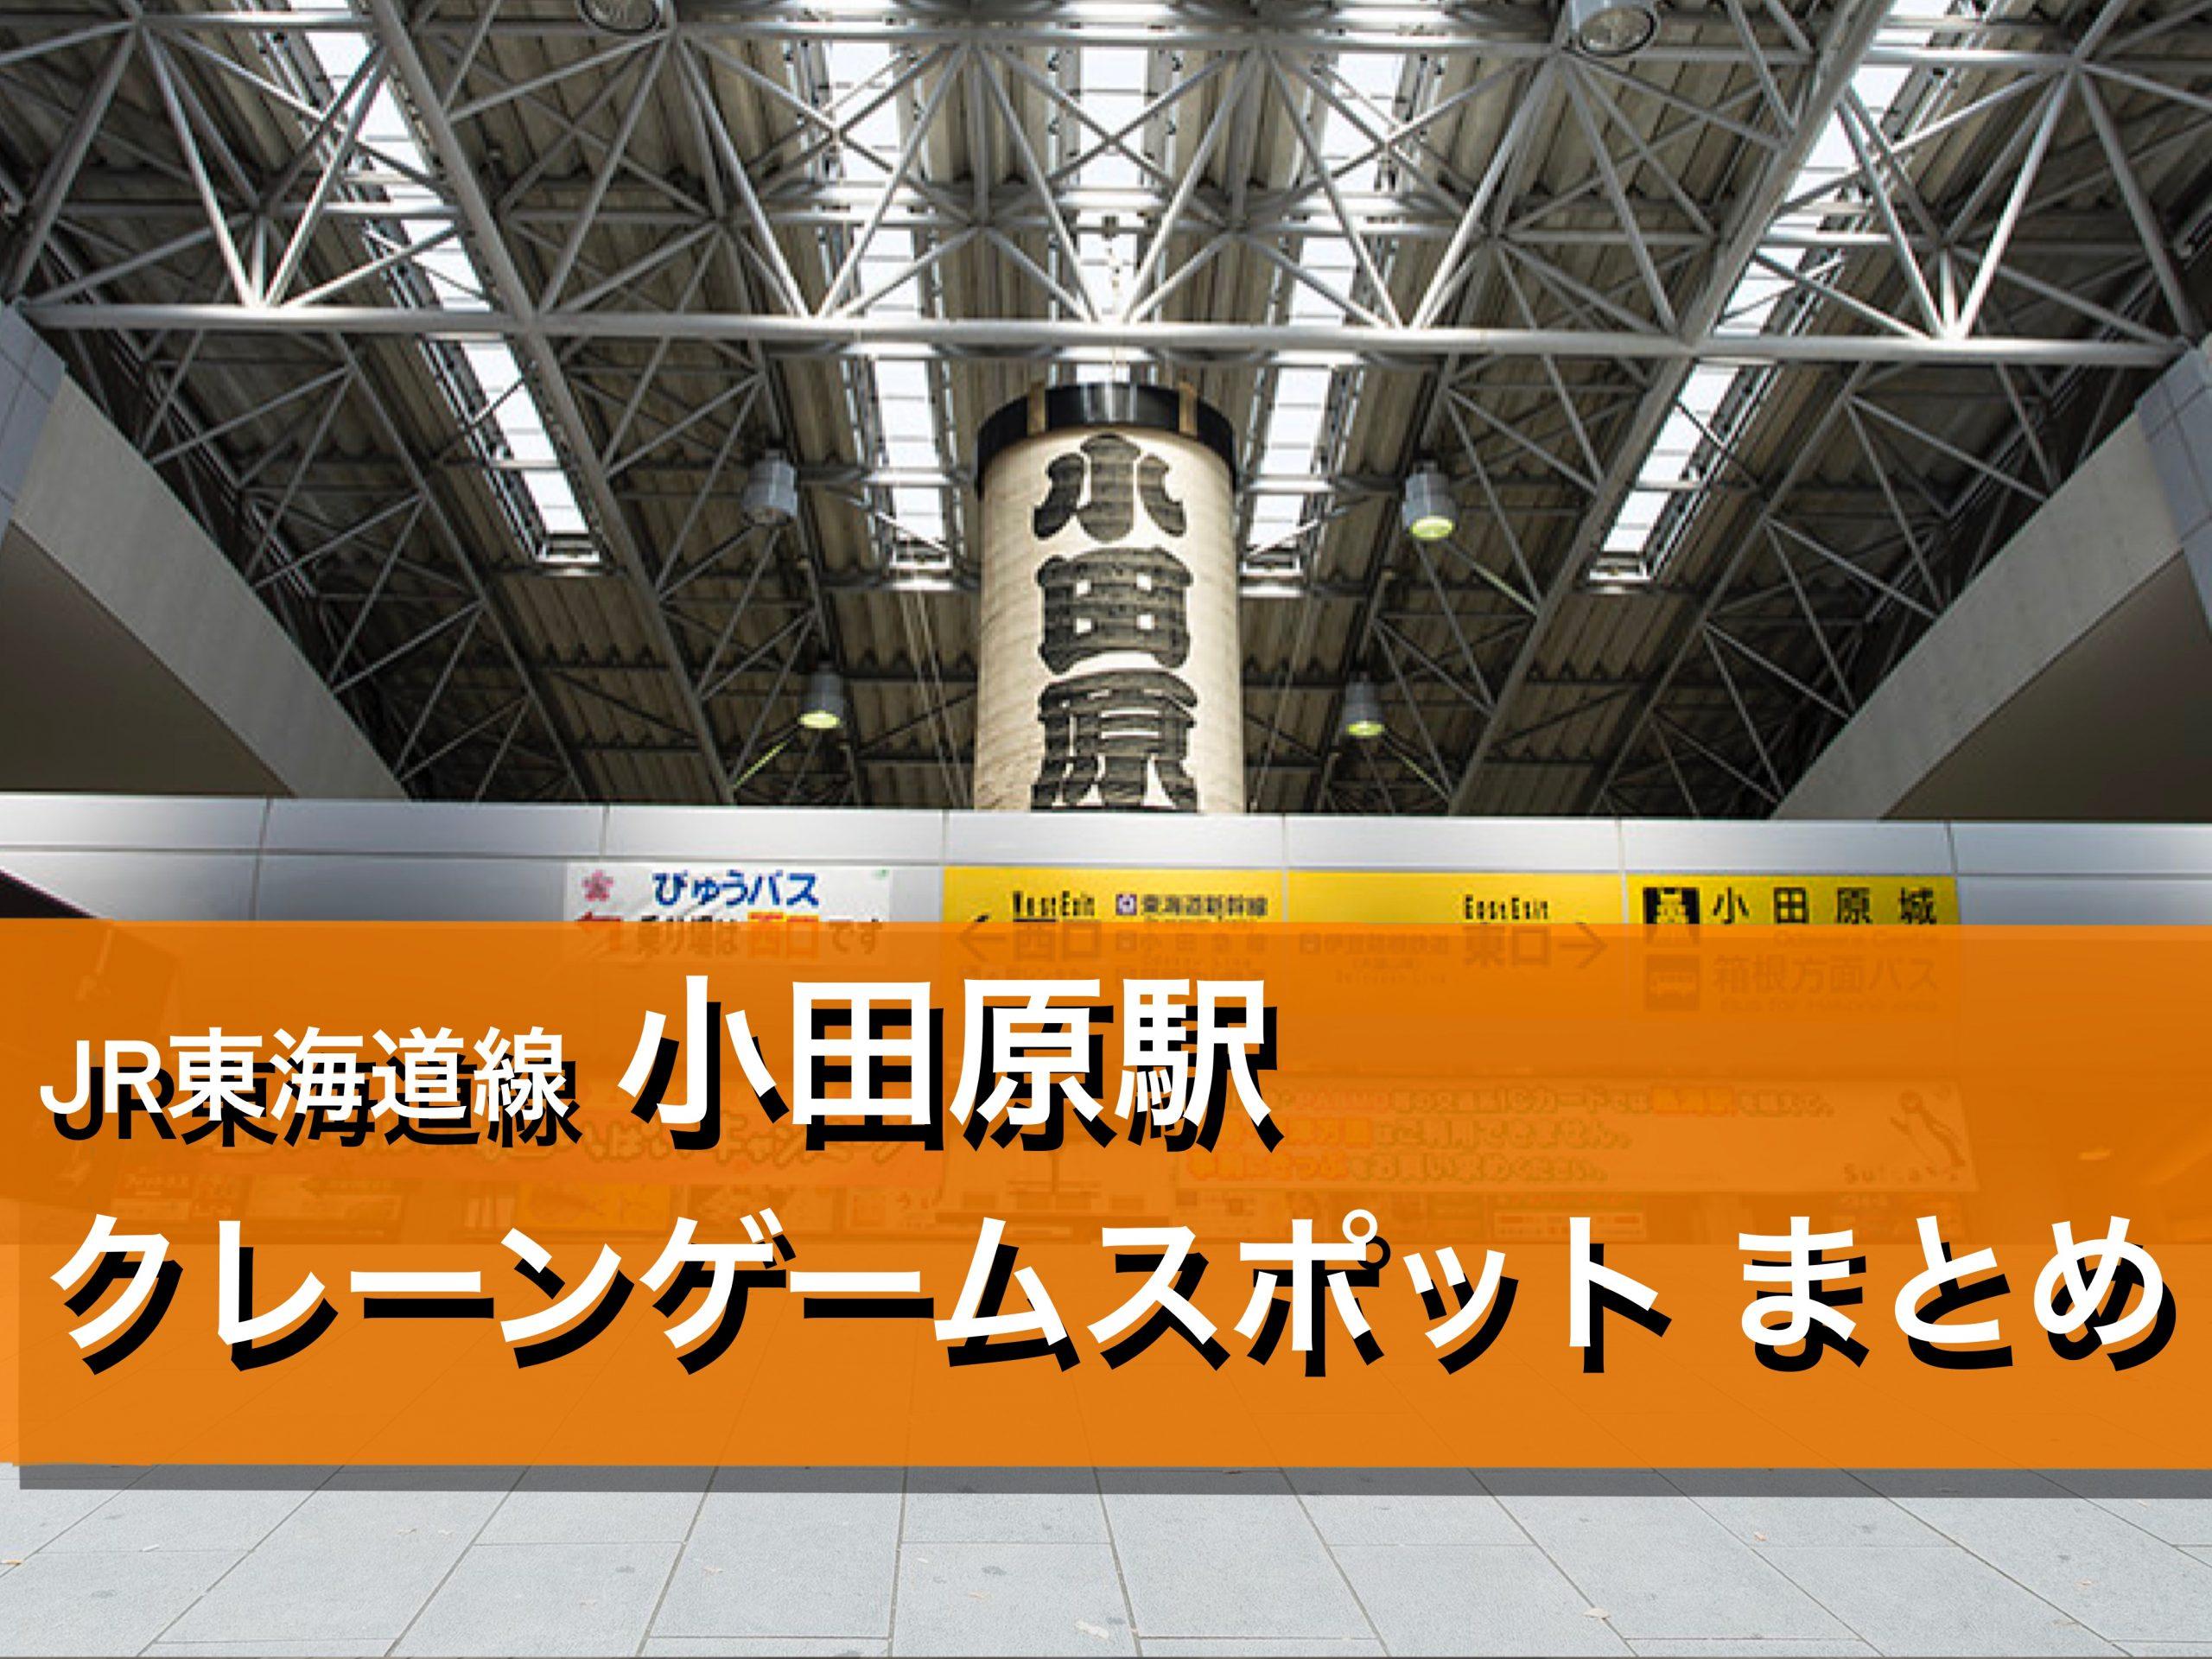 【小田原駅】クレーンゲームができる場所